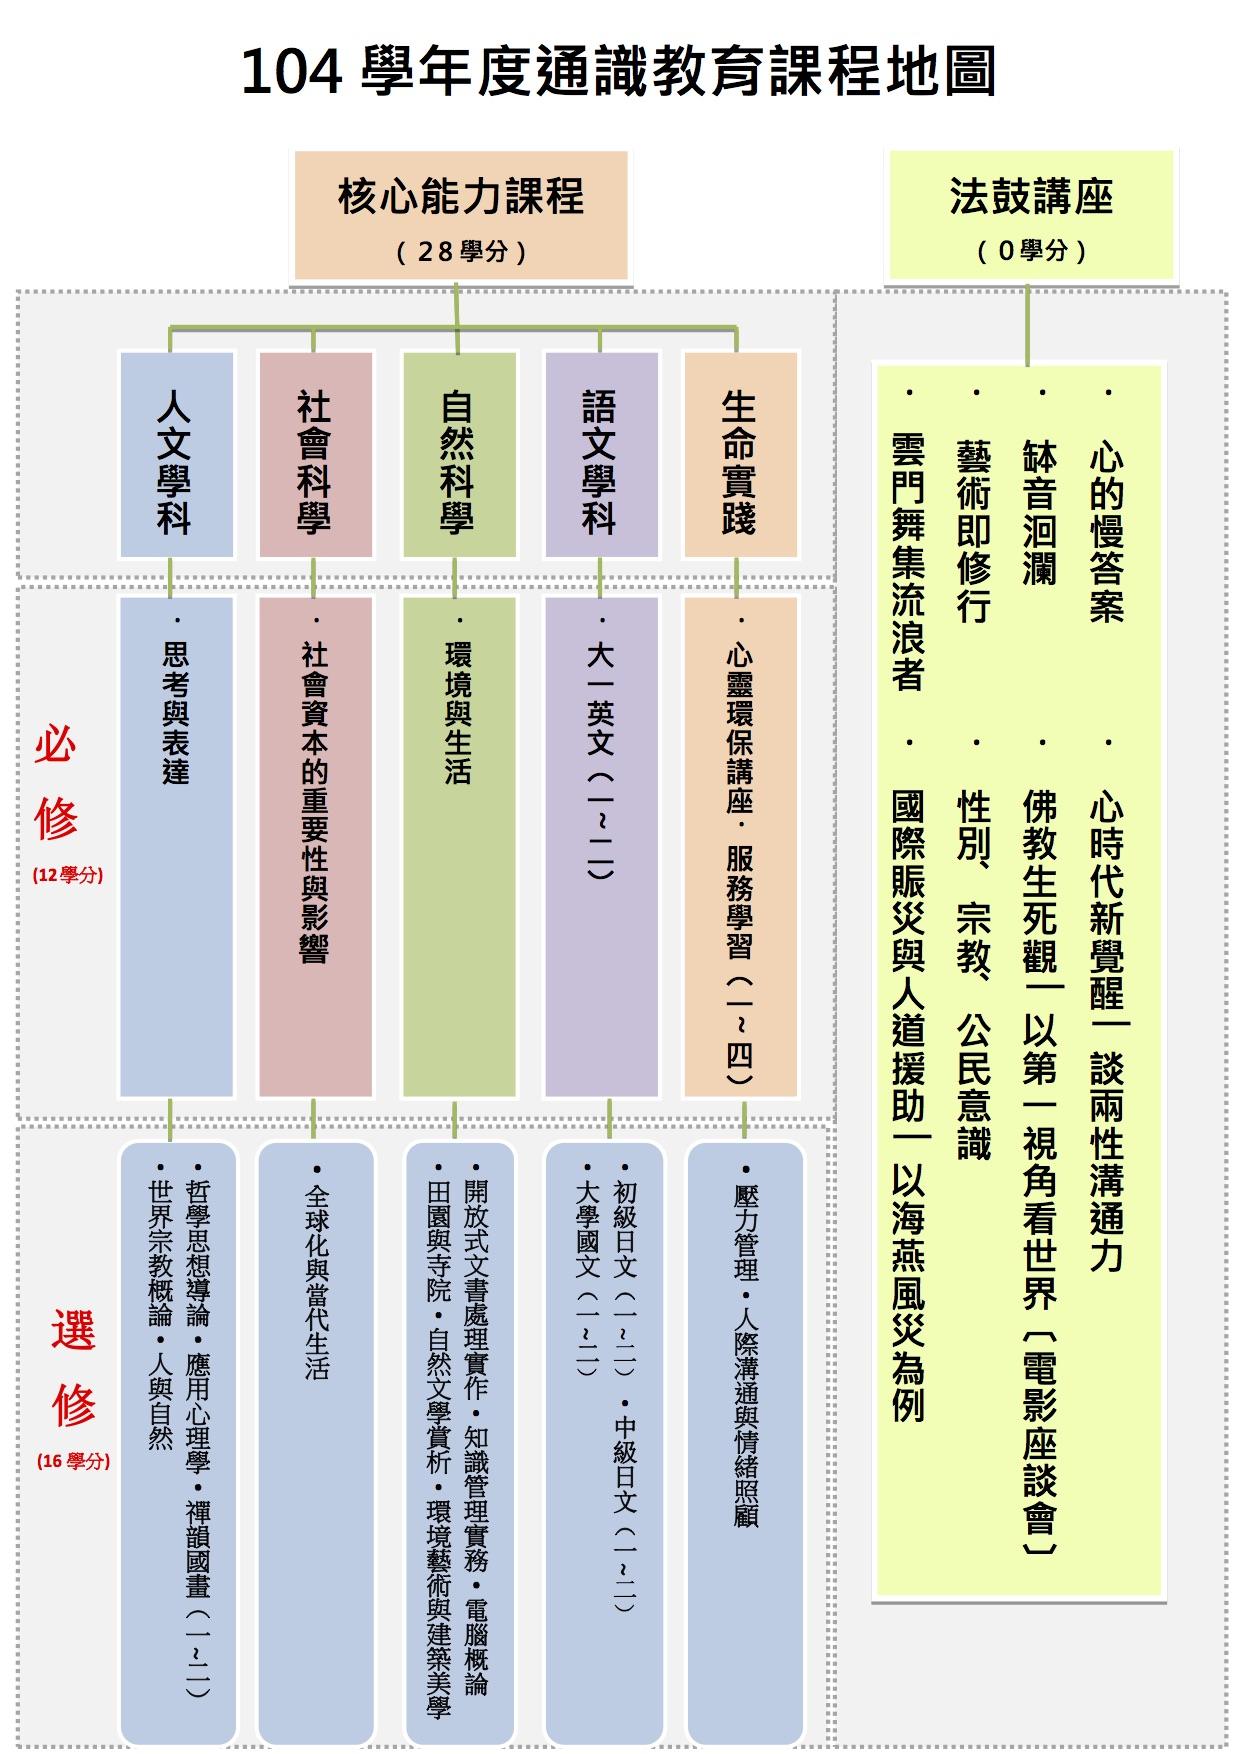 104 通識教育課程地圖